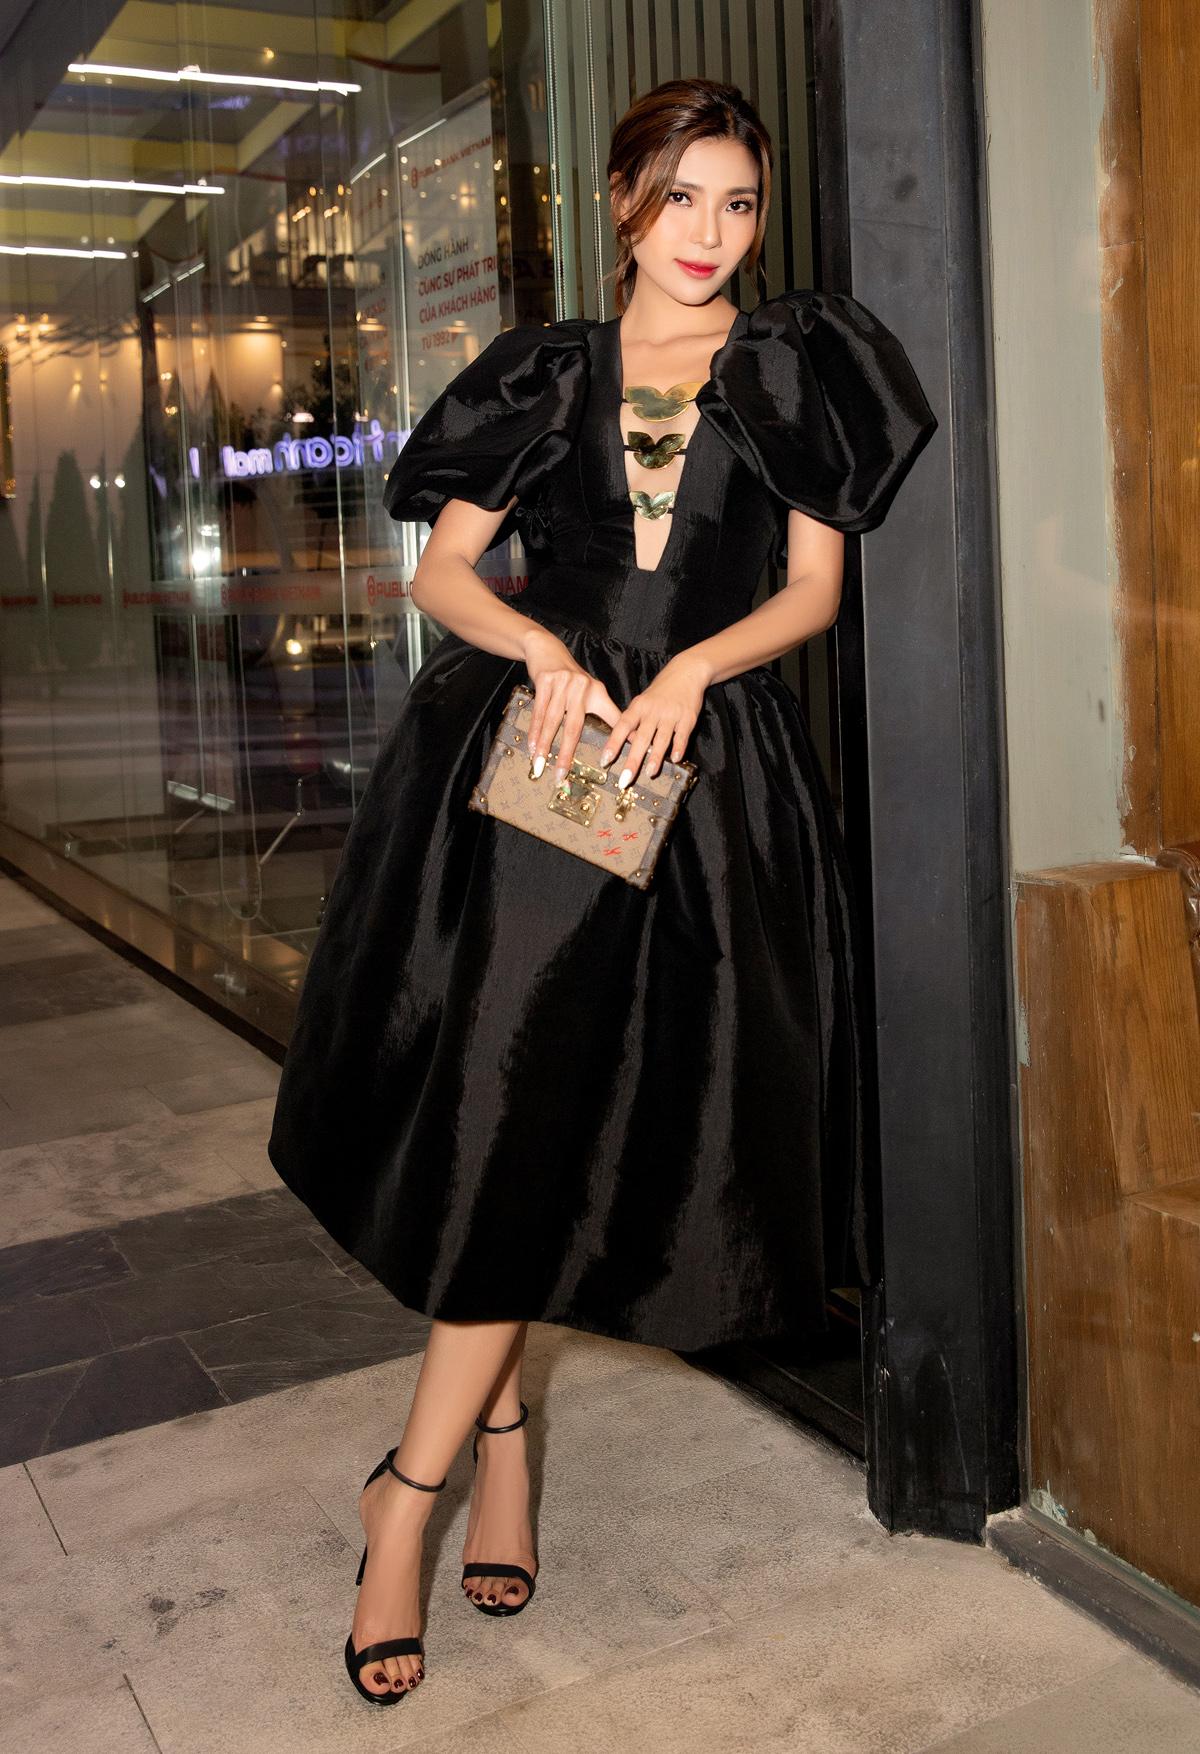 Người đẹp thu hút sự chú ý khi diện bộ váy đen tuyền với chi tiết khoét ngực, kết hình cánh bướm gợi cảm và tôn vòng một. Cô kết hợp túi Louis Vuitton tăng đẳng cấp.